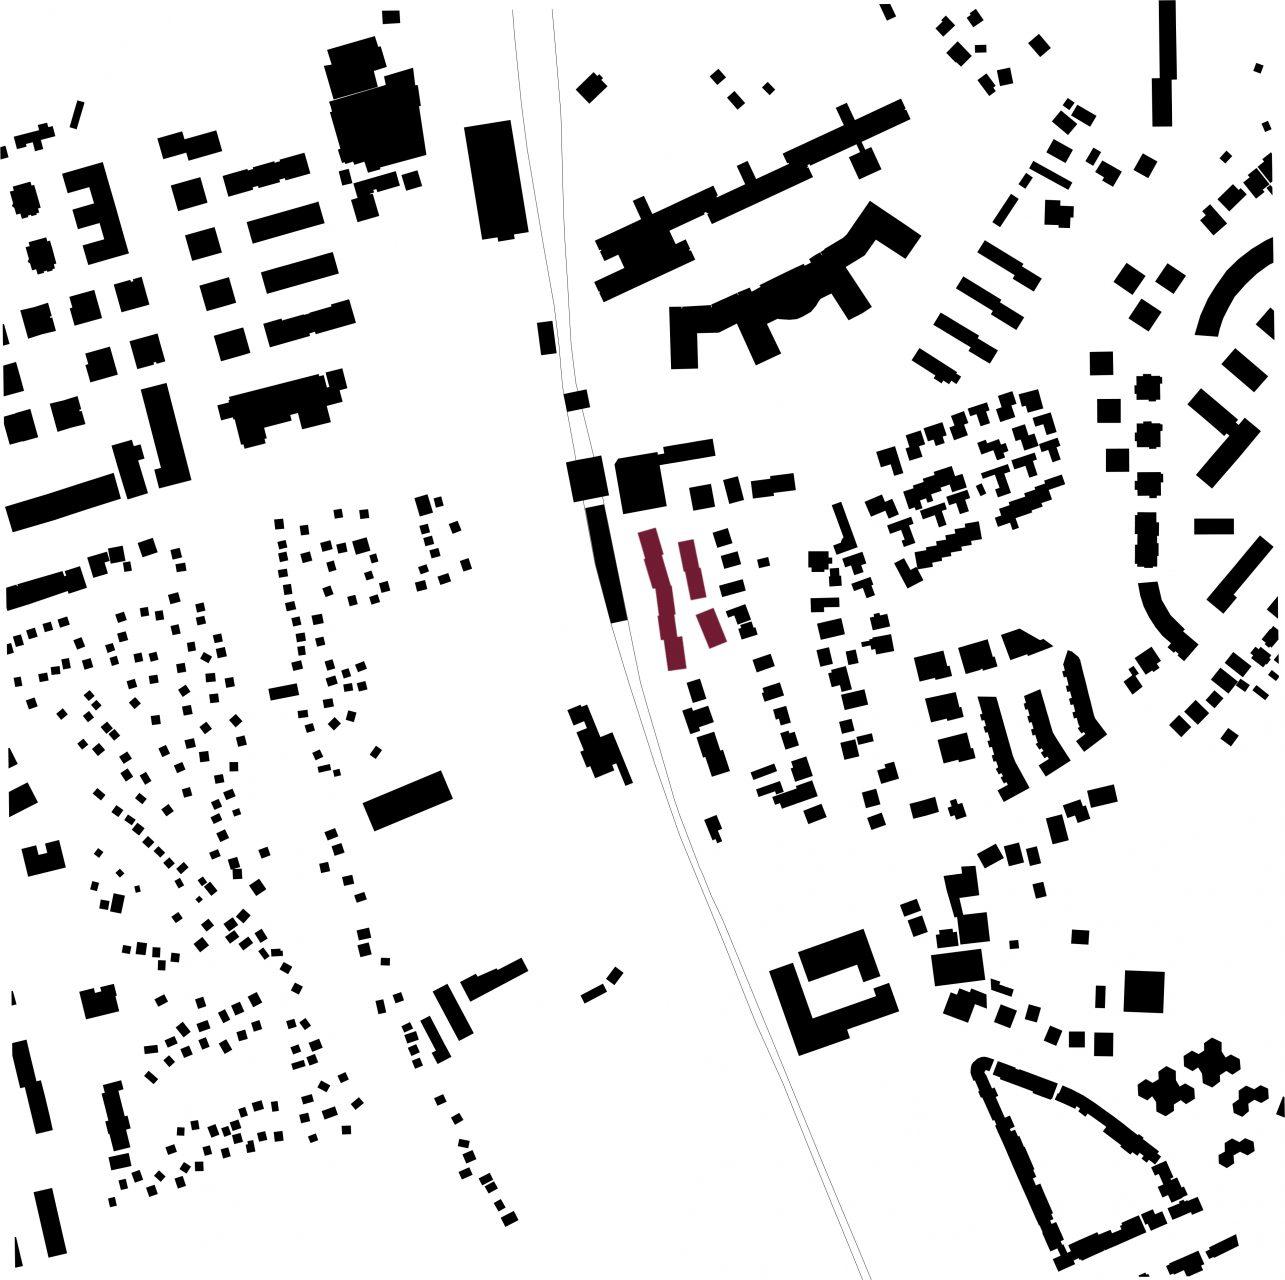 104_Schwarzplan_ohne Linien